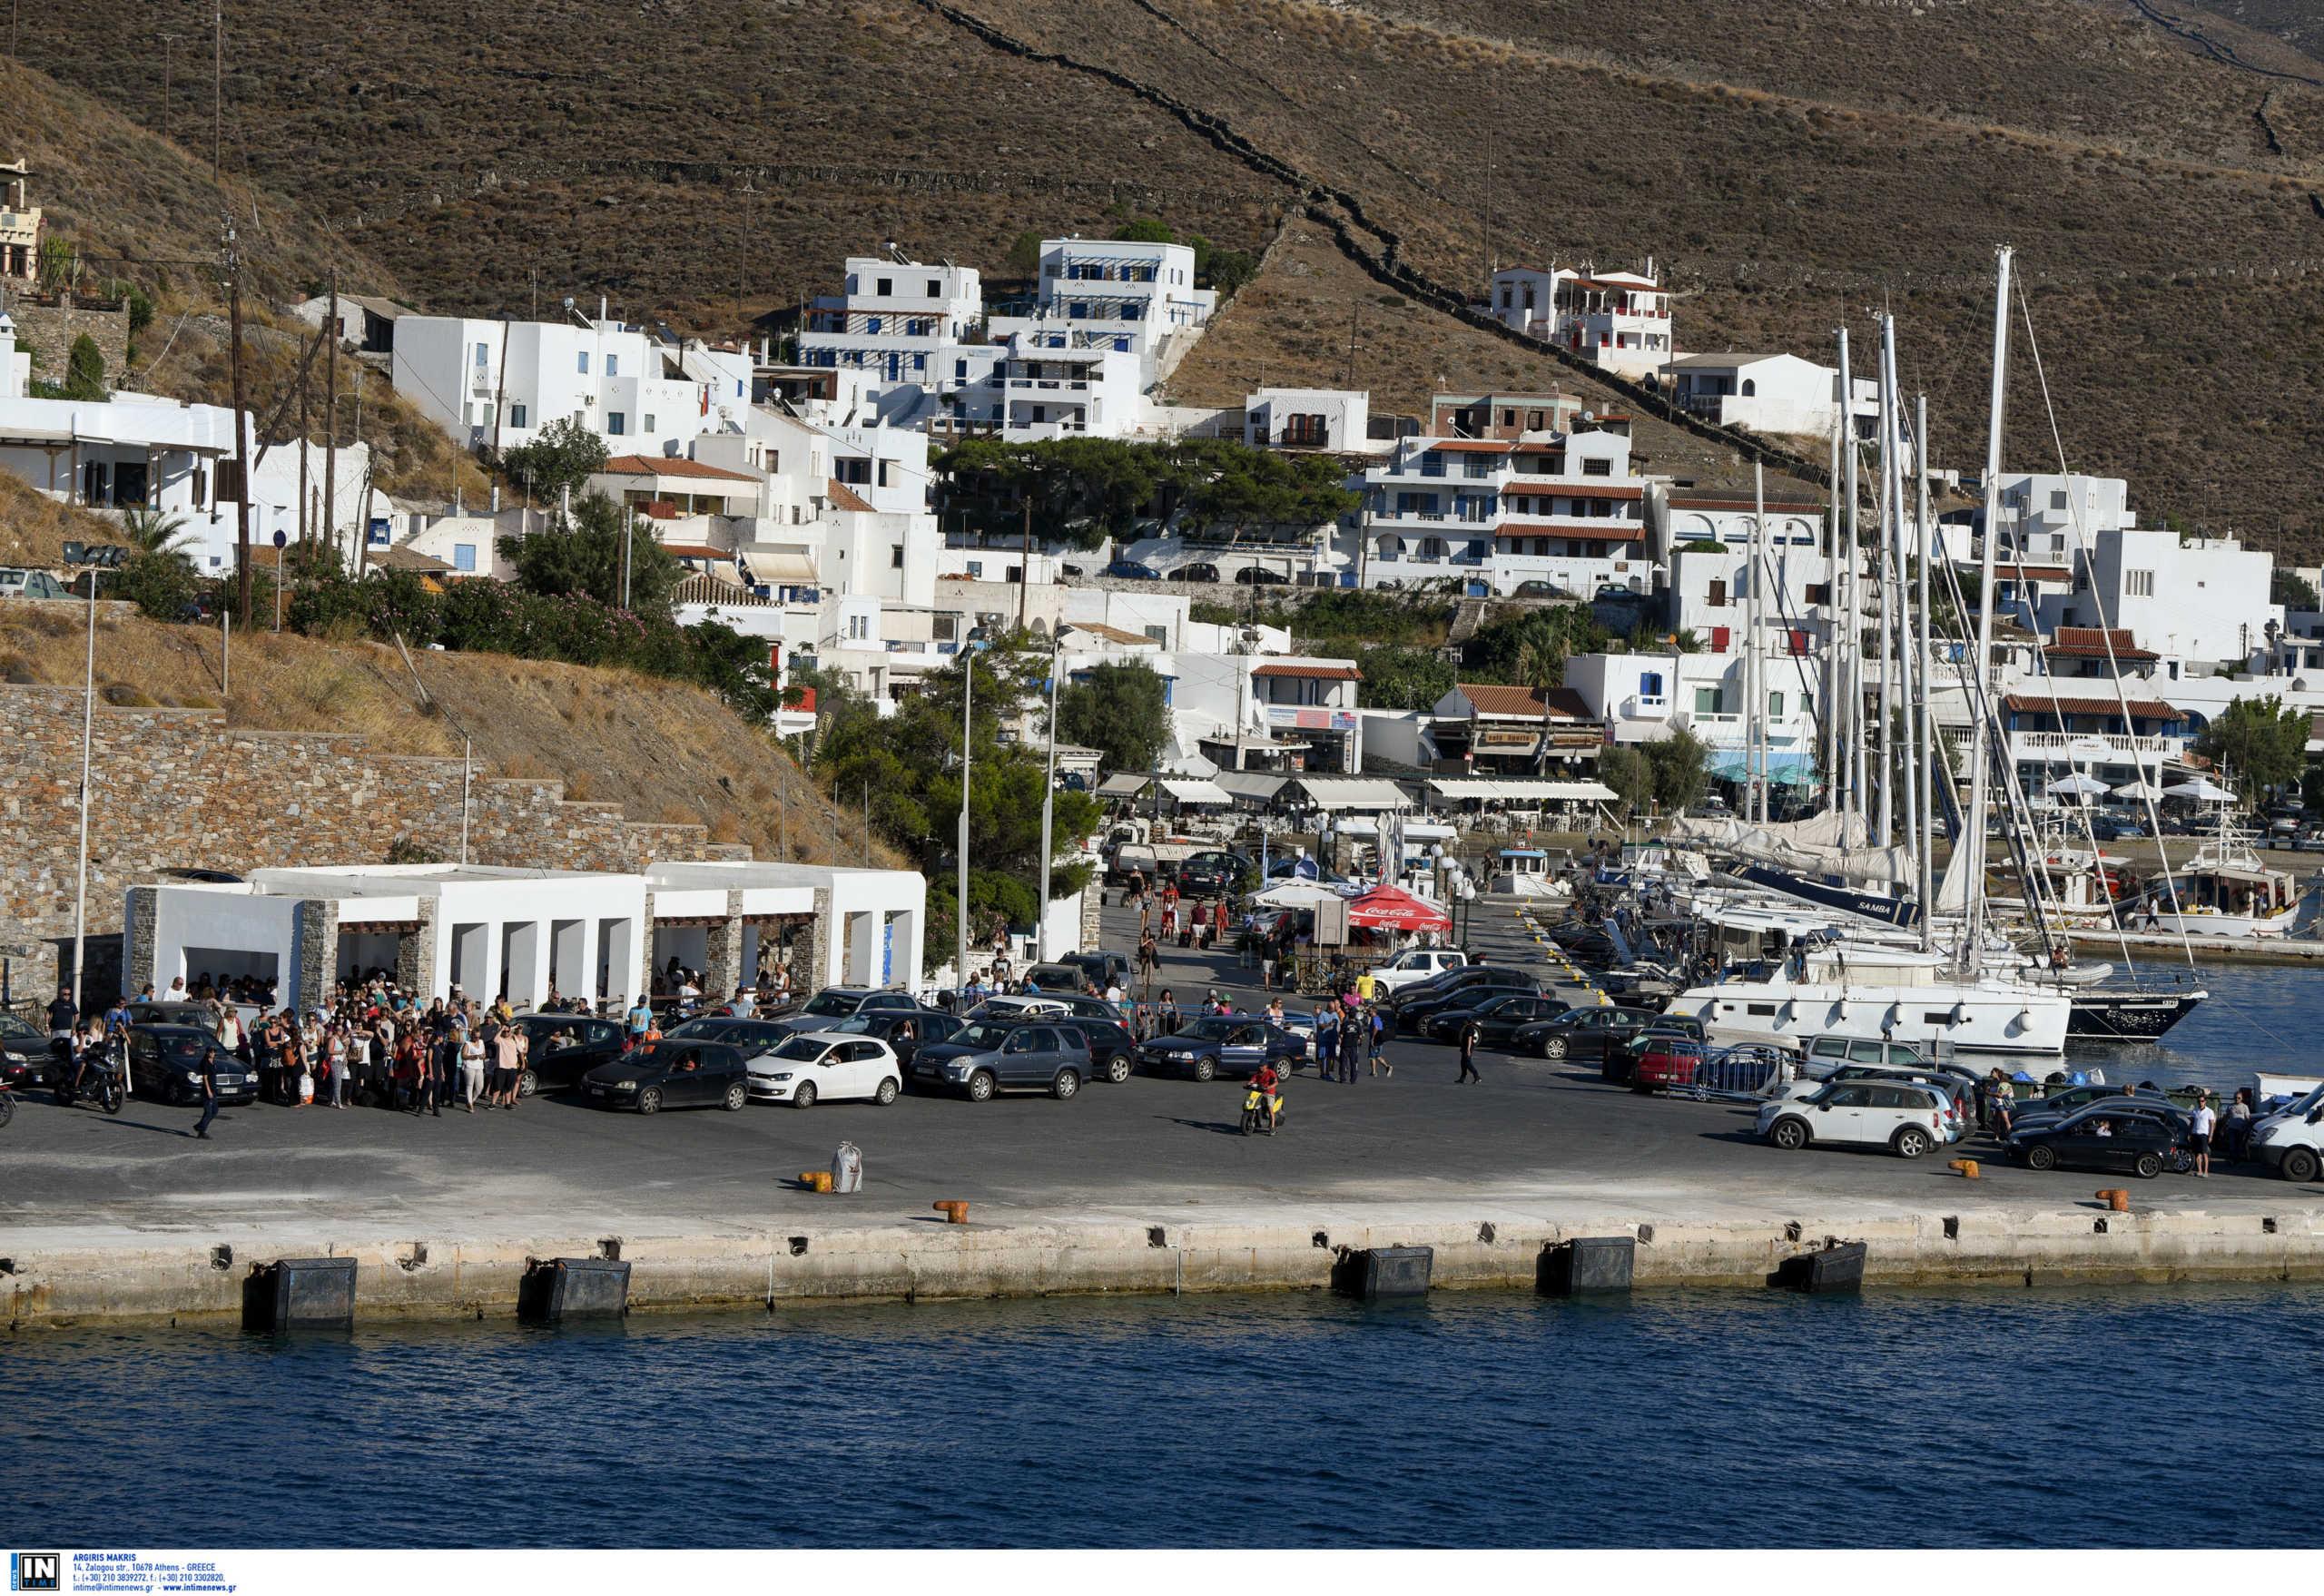 Κορονοϊός: Αυτές είναι οι 7 covid free περιοχές της Ελλάδας